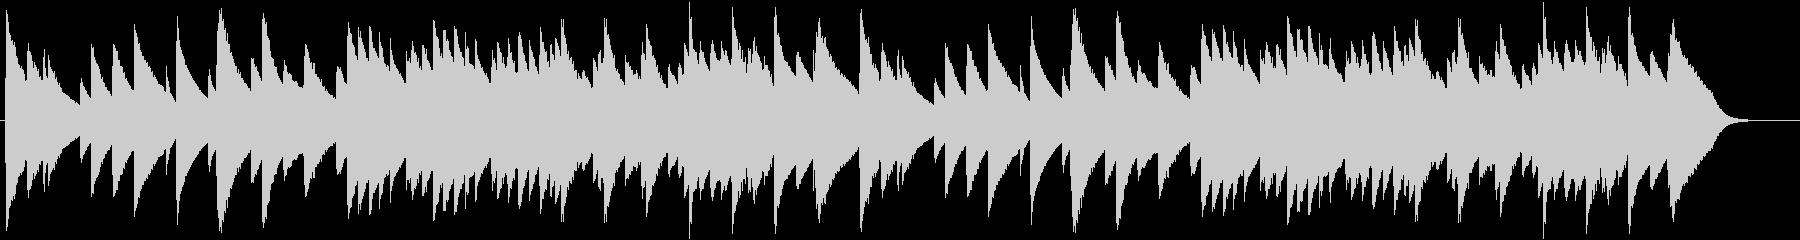 「もろびとこぞりて」オルゴール2の未再生の波形